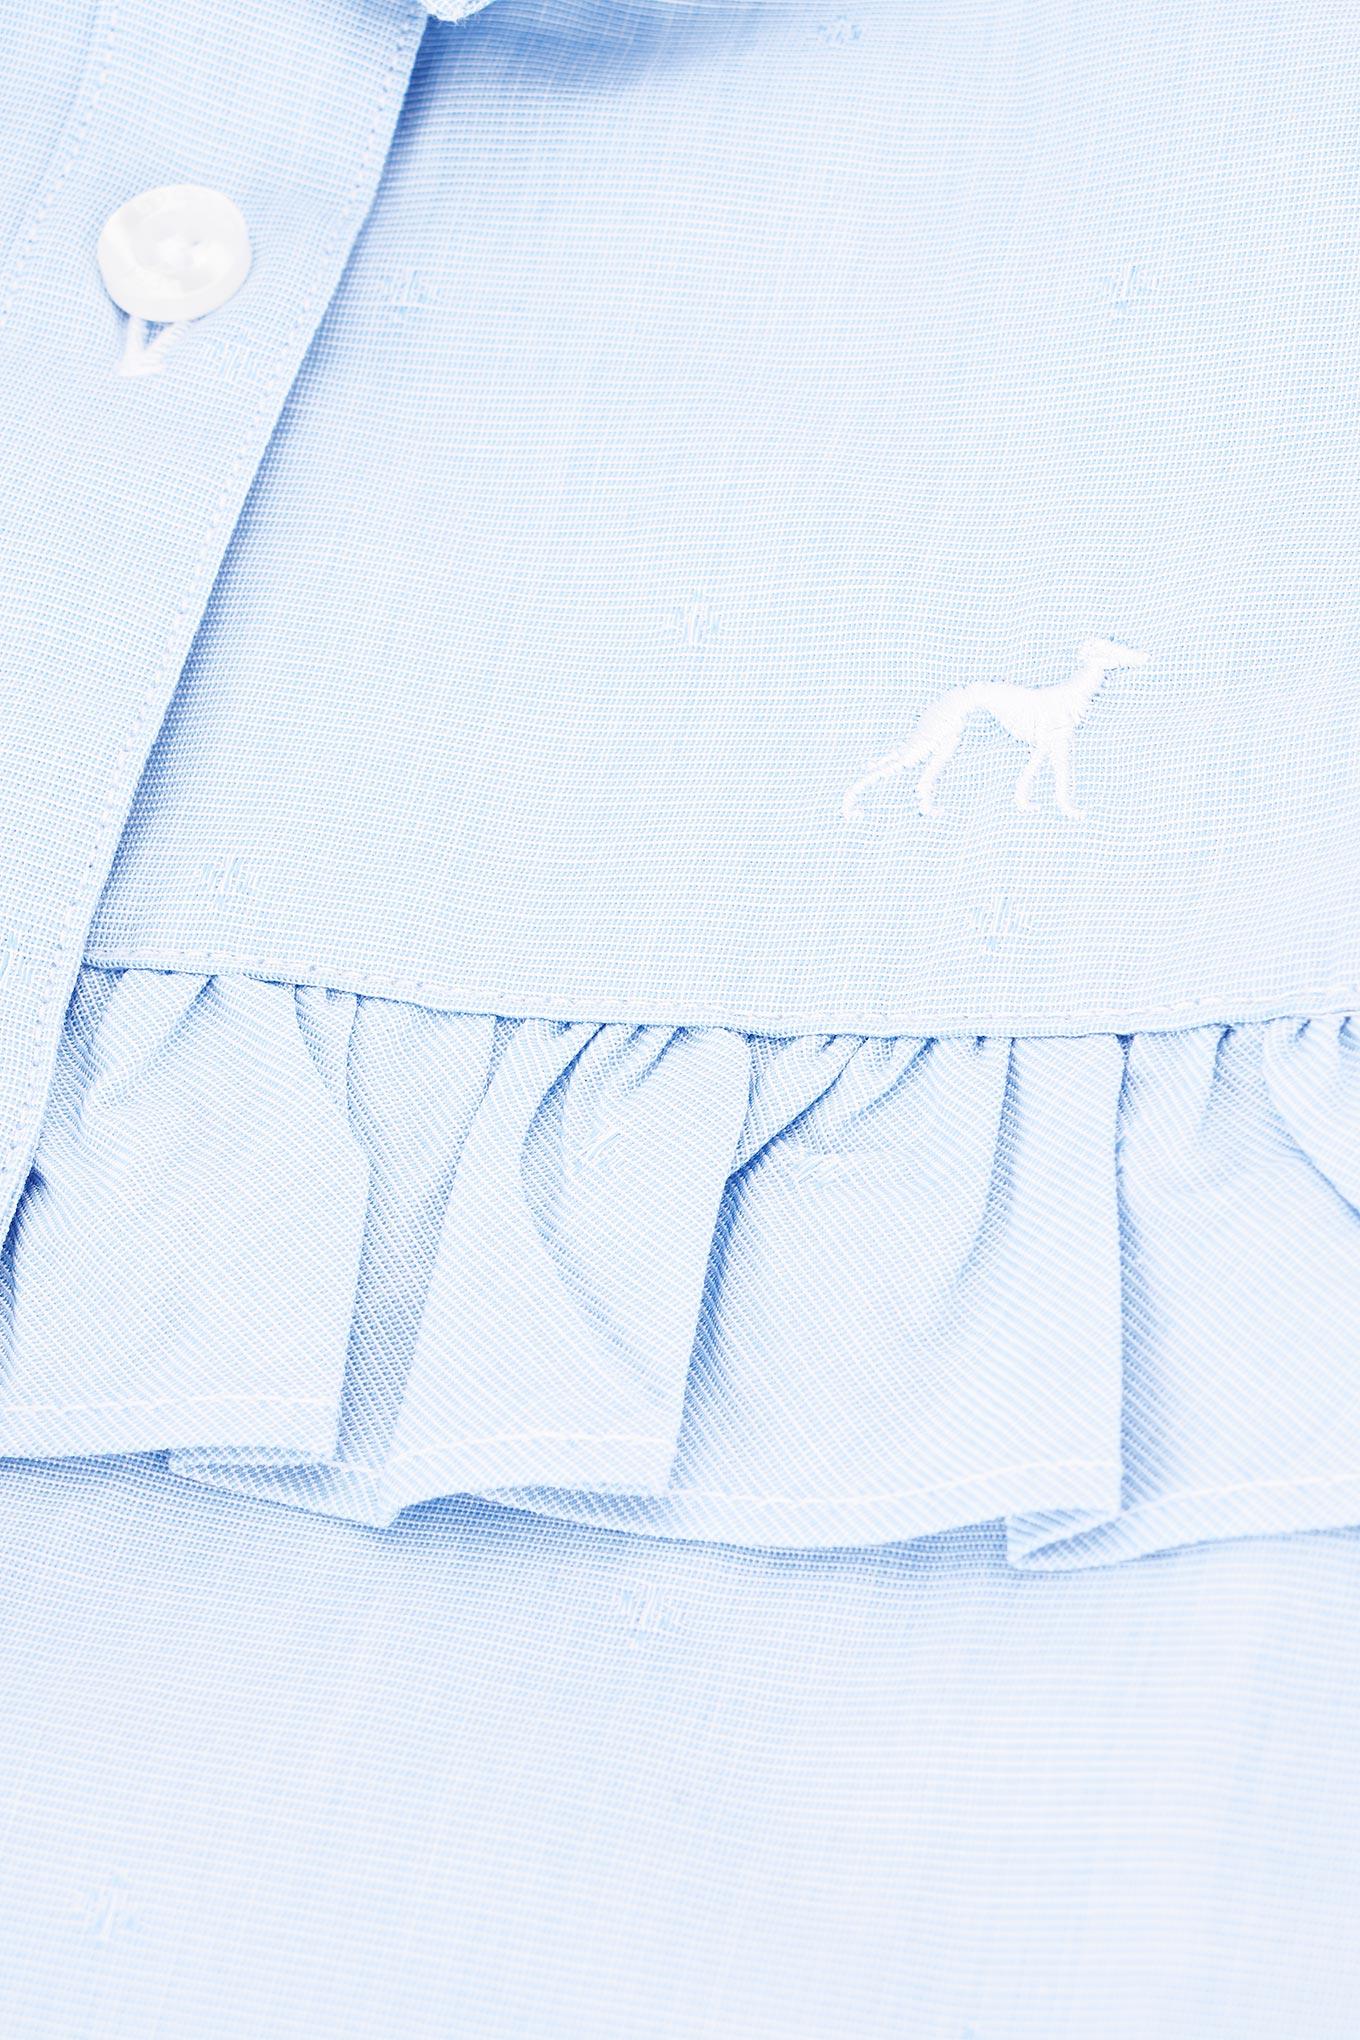 Shirt Light Blue Casual Girl